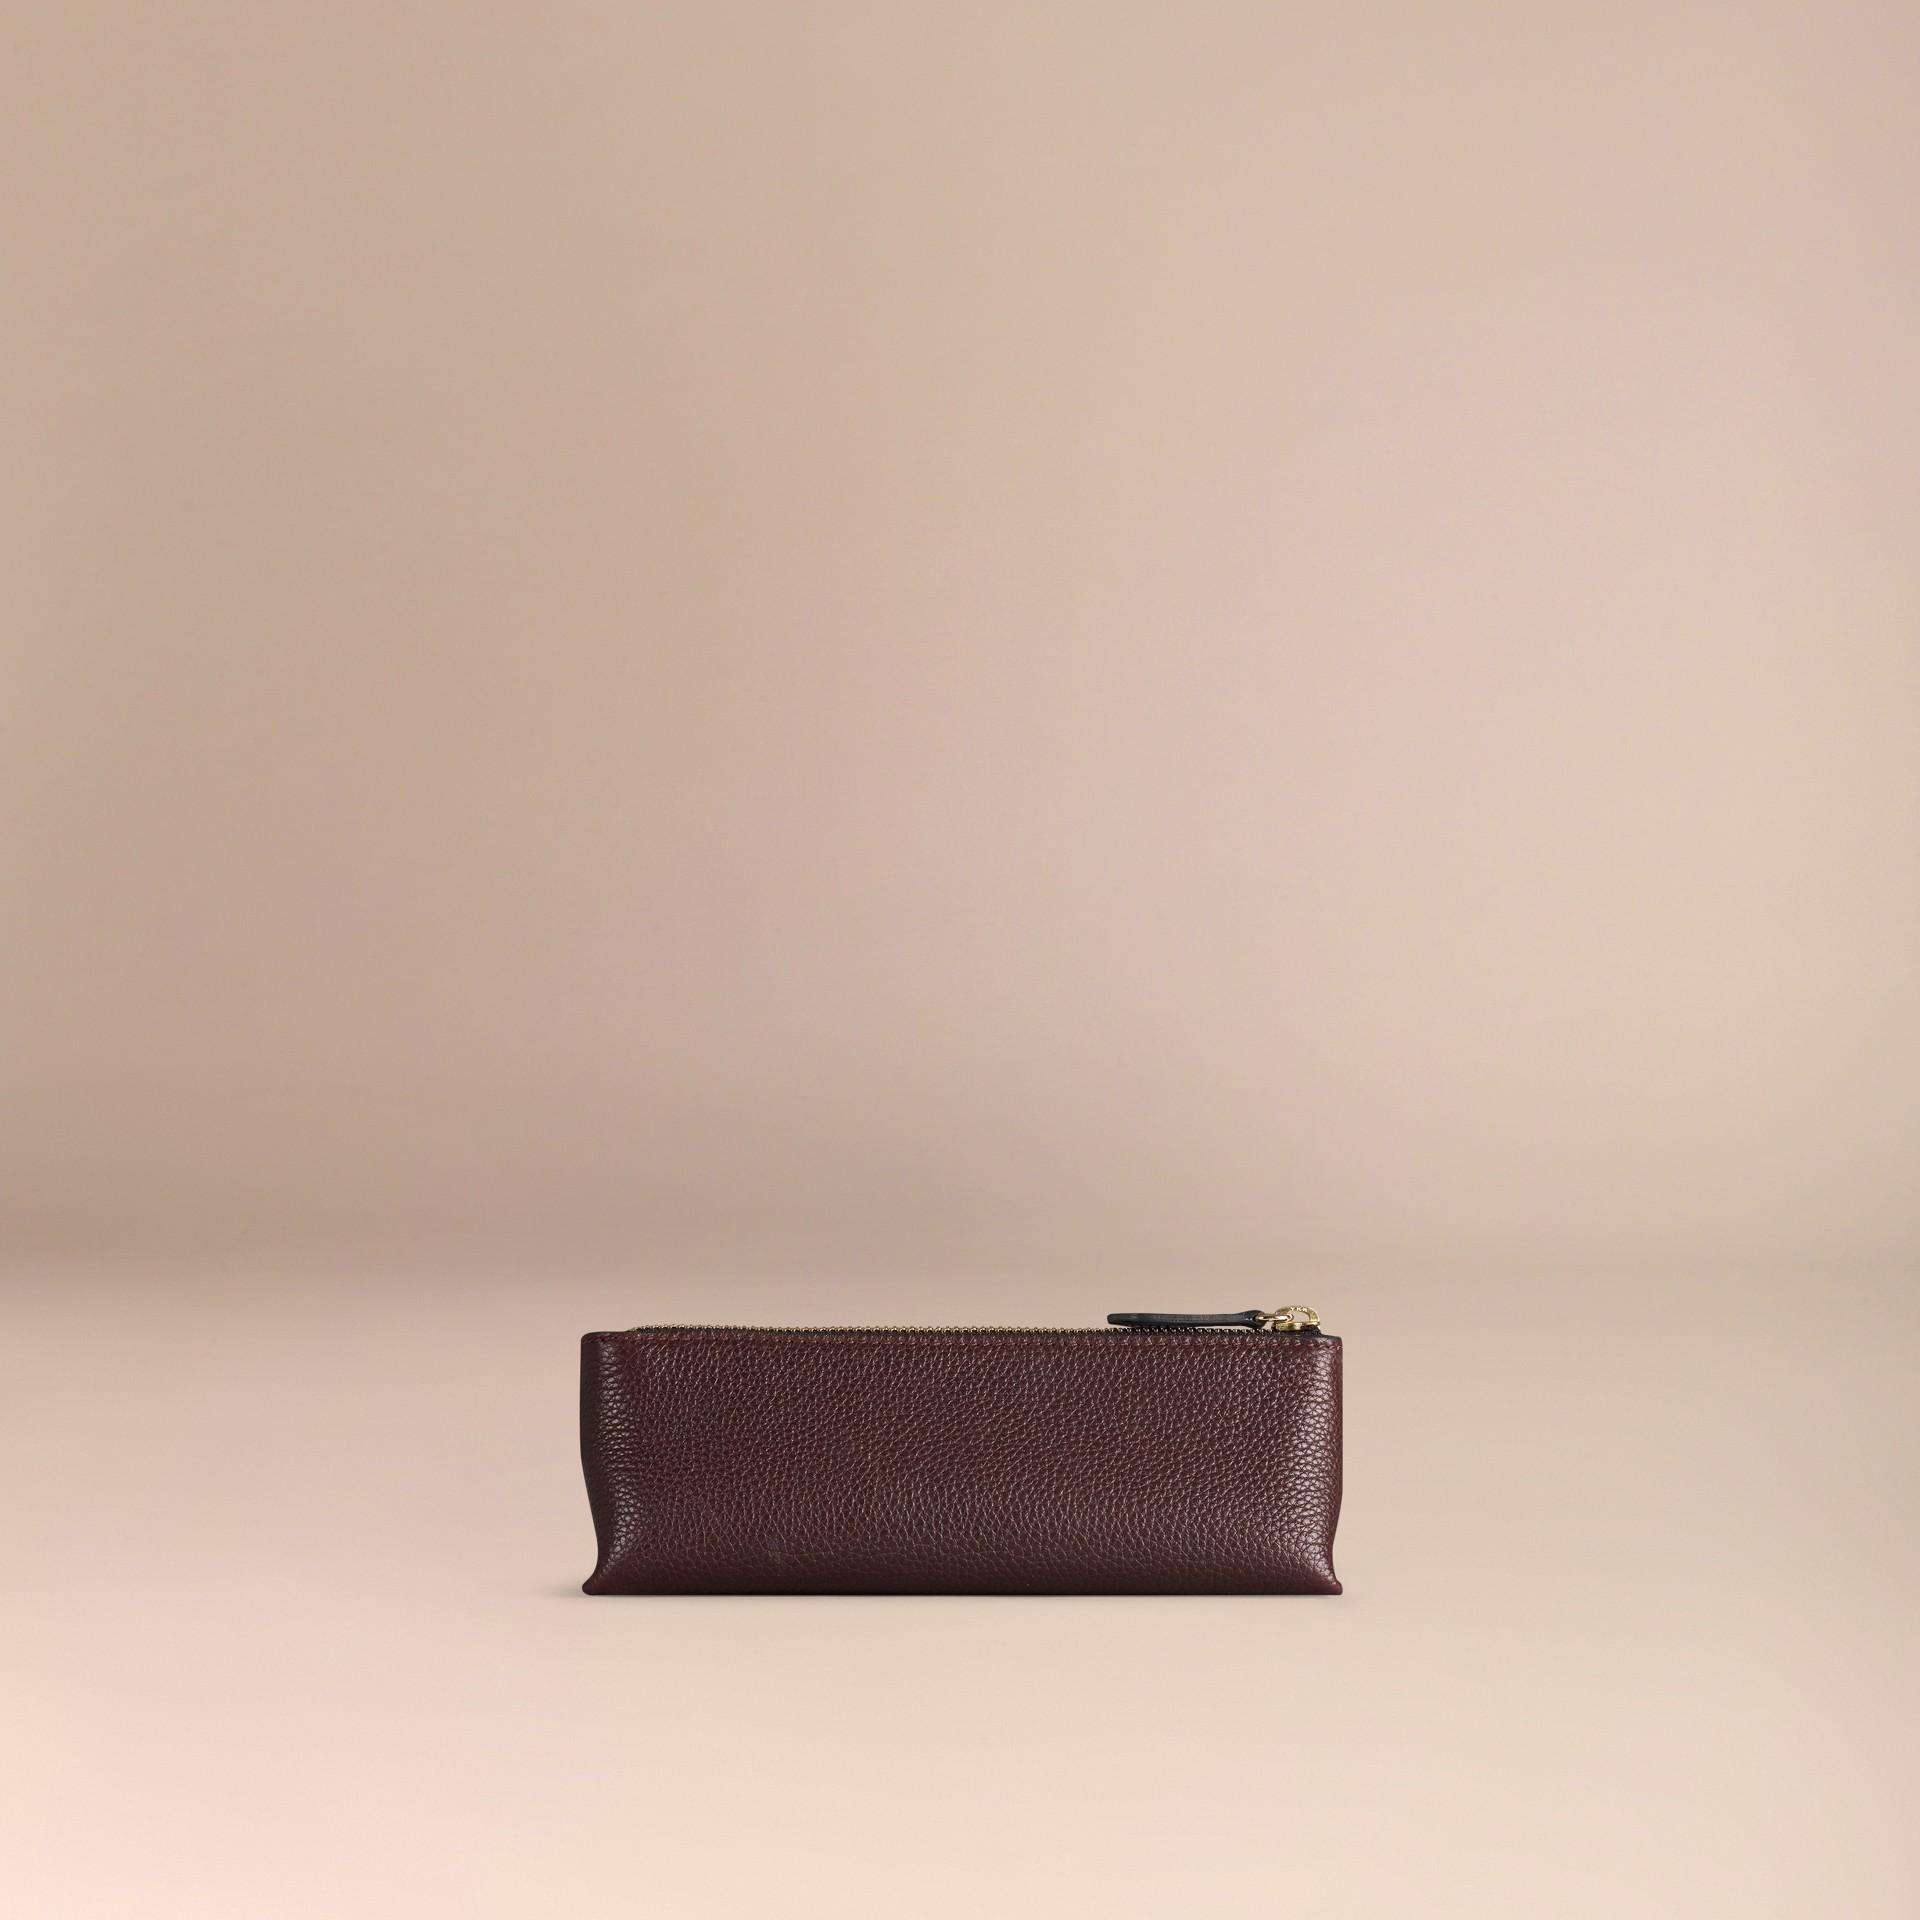 Rosso ebano Pochette piccola porta accessori digitali in pelle a grana Rosso Ebano - immagine della galleria 4